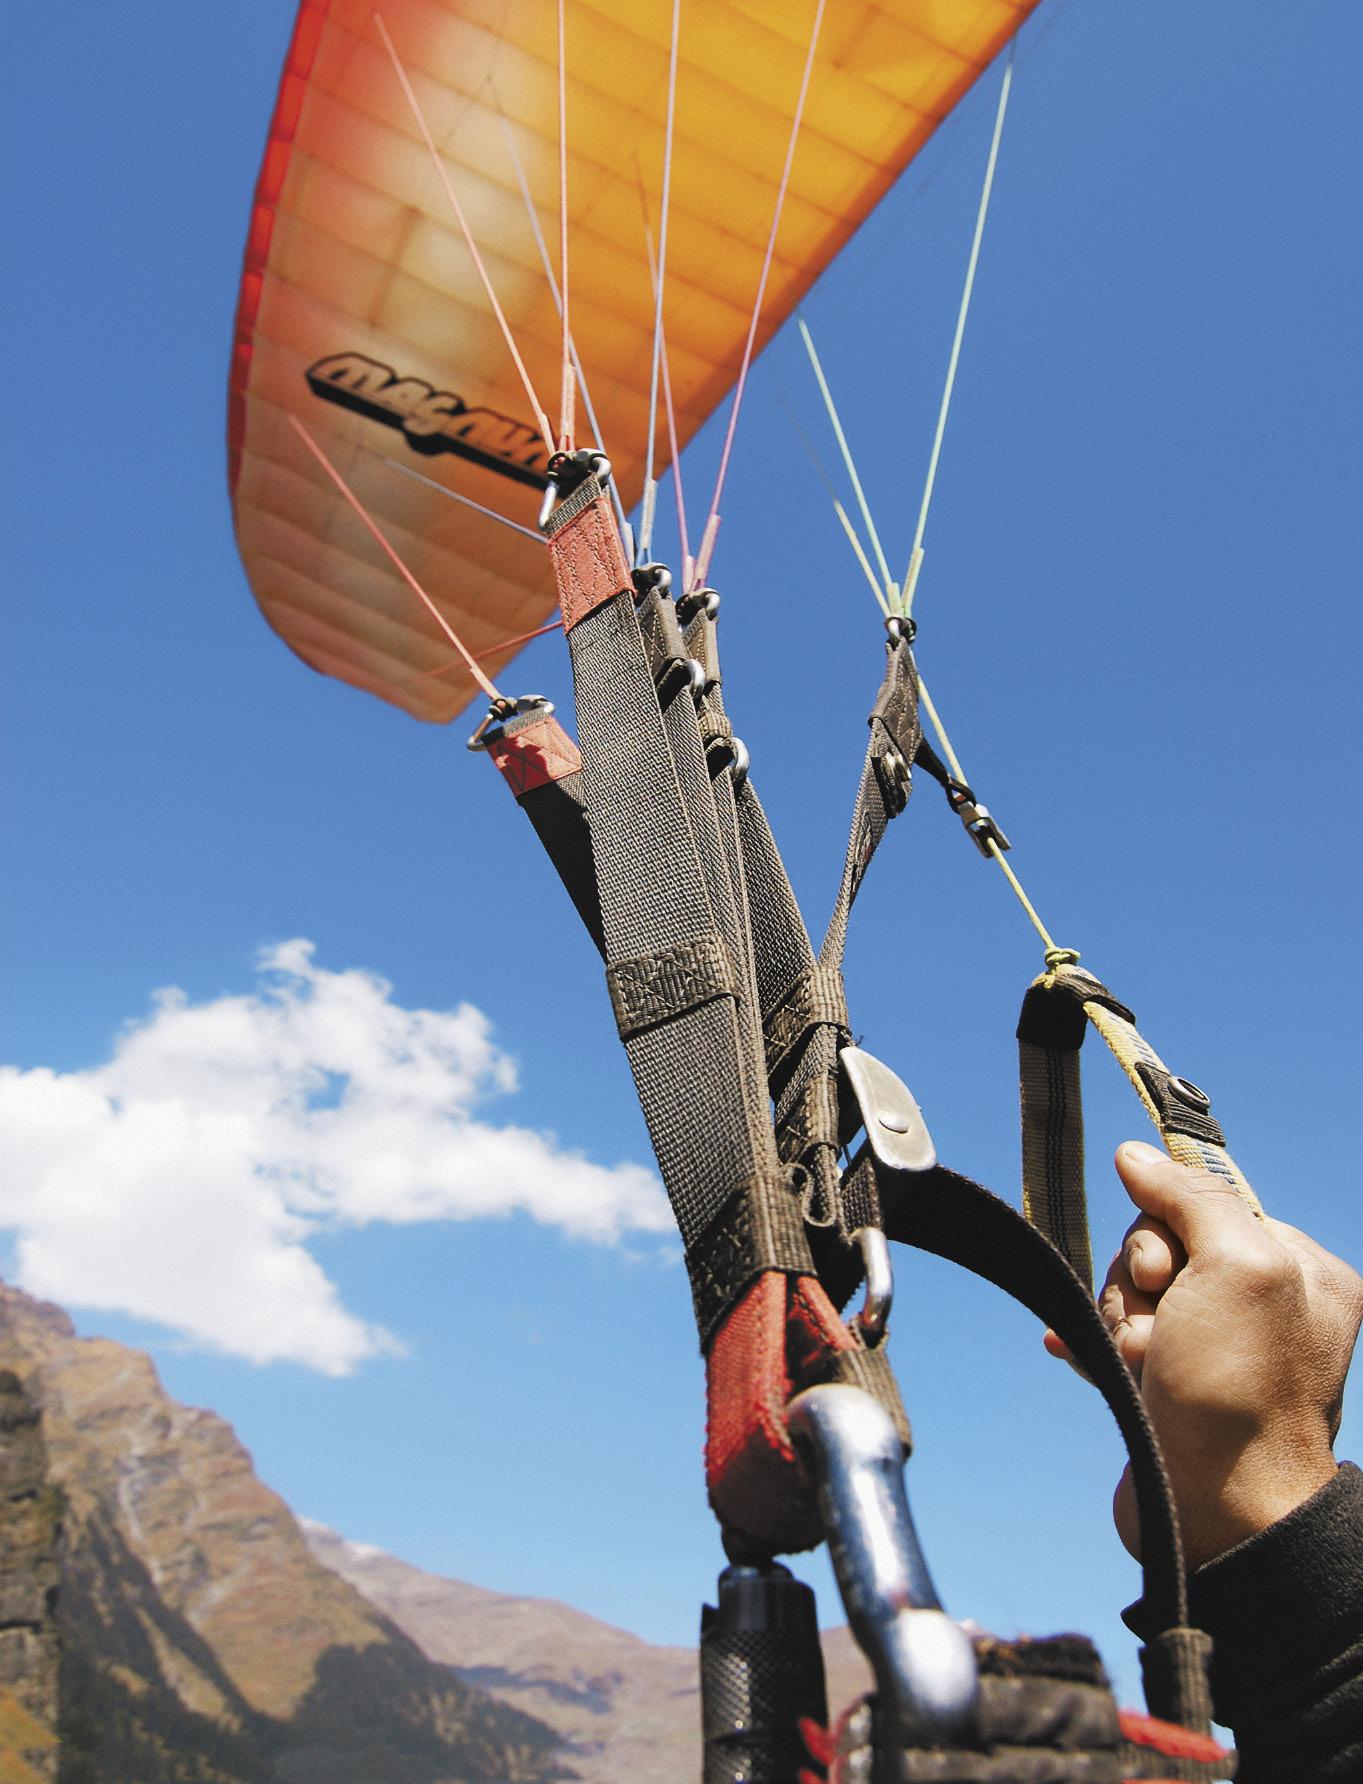 «Бобровая заимка» считается идеальным местом для полетов на параплане.